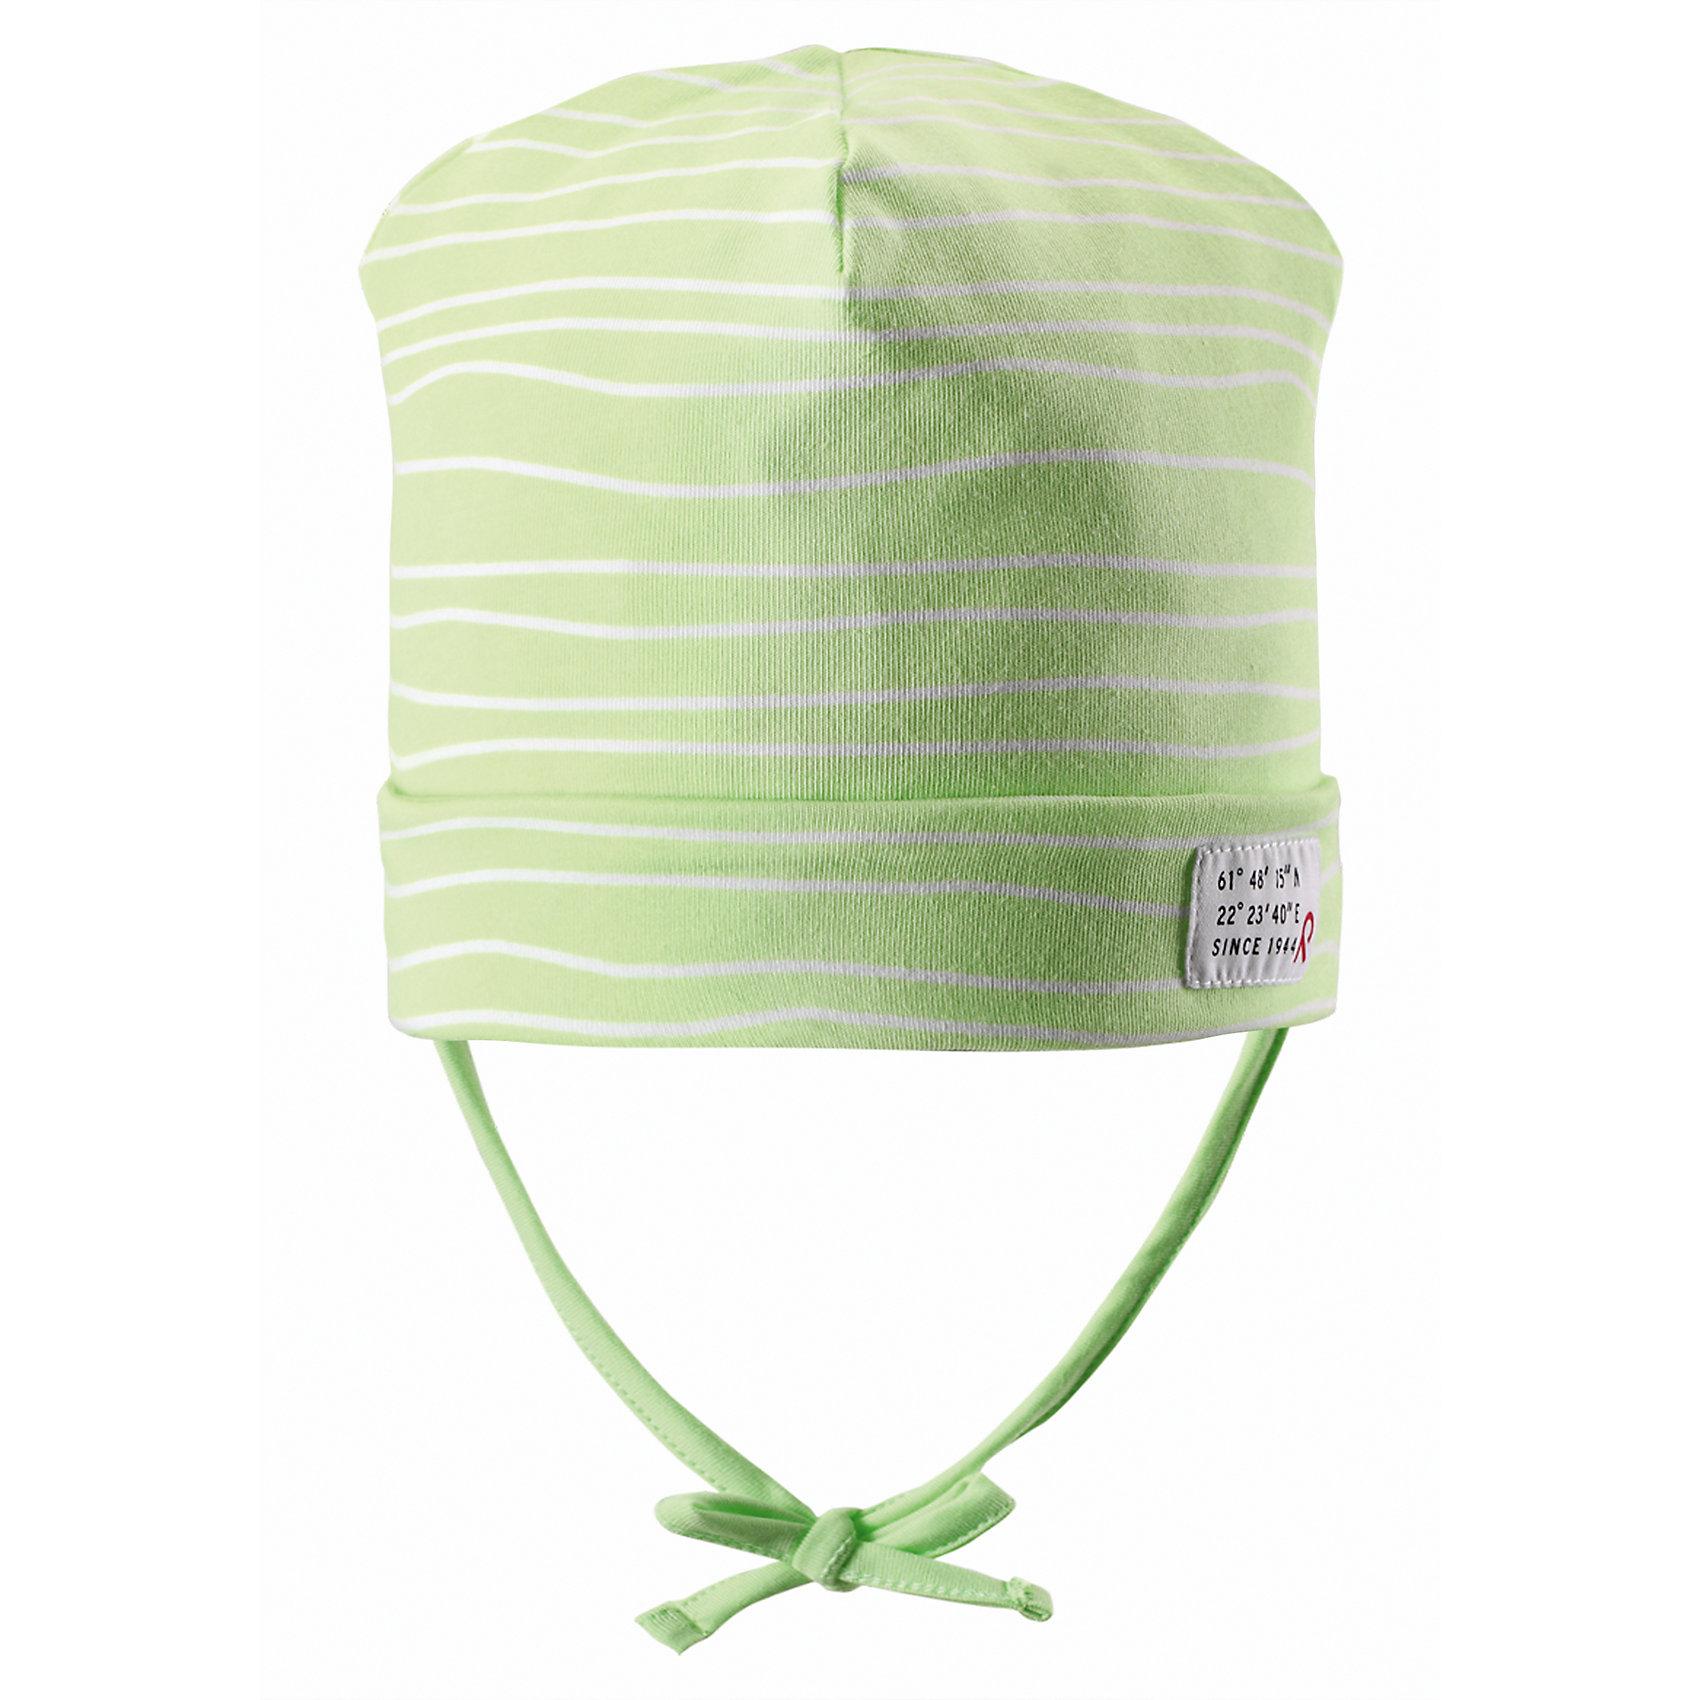 Шапка ReimaВесна пришла! А к весне мы подготовили эту легкую шапочку для малышей свежей расцветки с УФ-защитой 40+. Шапочка изготовлена из дышащего и быстросохнущего материла Play Jersey®, эффективно выводящего влагу с кожи. Идеальный выбор для активных прогулок на весеннем солнышке! <br><br>Дополнительная информация:<br><br>Трикотажная шапка «Бини» для малышей<br>Быстросохнущий материал Play Jersey, приятный на ощупь<br>Мягкий хлопчатобумажный верх, внутренняя поверхность хорошо выводит влагу<br>Фактор защиты от ультрафиолета 40+<br>Сплошная подкладка: отводящий влагу материал Play Jersey<br>Логотип Reima® сбоку<br>Состав:<br>65% ХЛ 30% ПЭ 5% ЭЛ<br>Уход:<br>Стирать с бельем одинакового цвета, вывернув наизнанку. Полоскать без специального средства. Придать первоначальную форму вo влажном виде.<br><br>Ширина мм: 89<br>Глубина мм: 117<br>Высота мм: 44<br>Вес г: 155<br>Цвет: желтый<br>Возраст от месяцев: 36<br>Возраст до месяцев: 48<br>Пол: Унисекс<br>Возраст: Детский<br>Размер: 50,52,48,46<br>SKU: 4498021